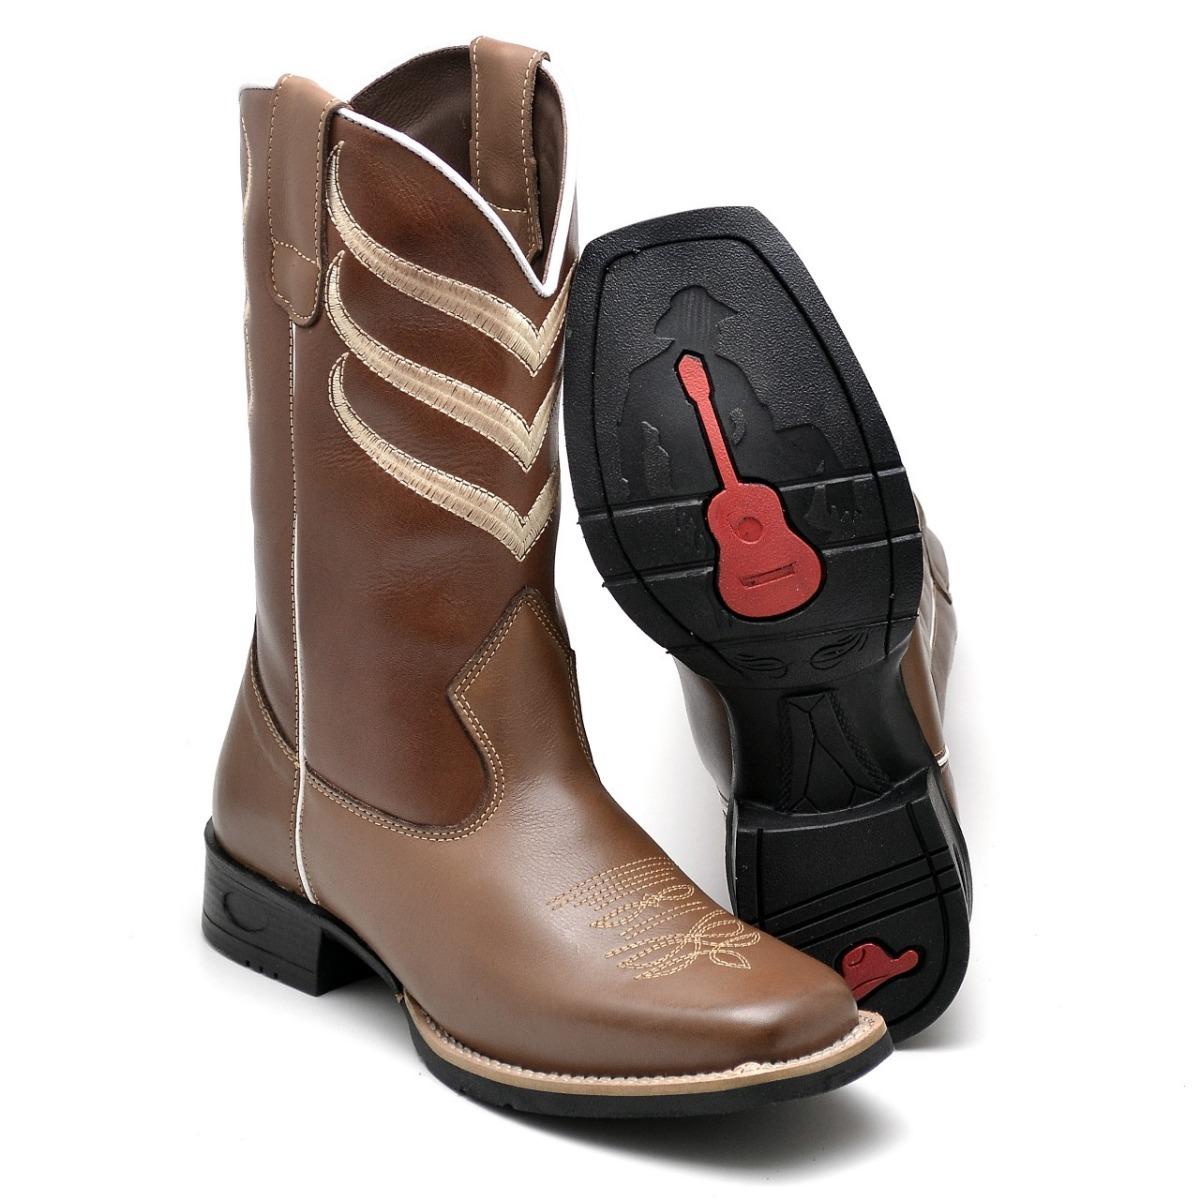 bota country masculina rodeio couro brinde texana barretão. Carregando zoom. 97441c0cb54